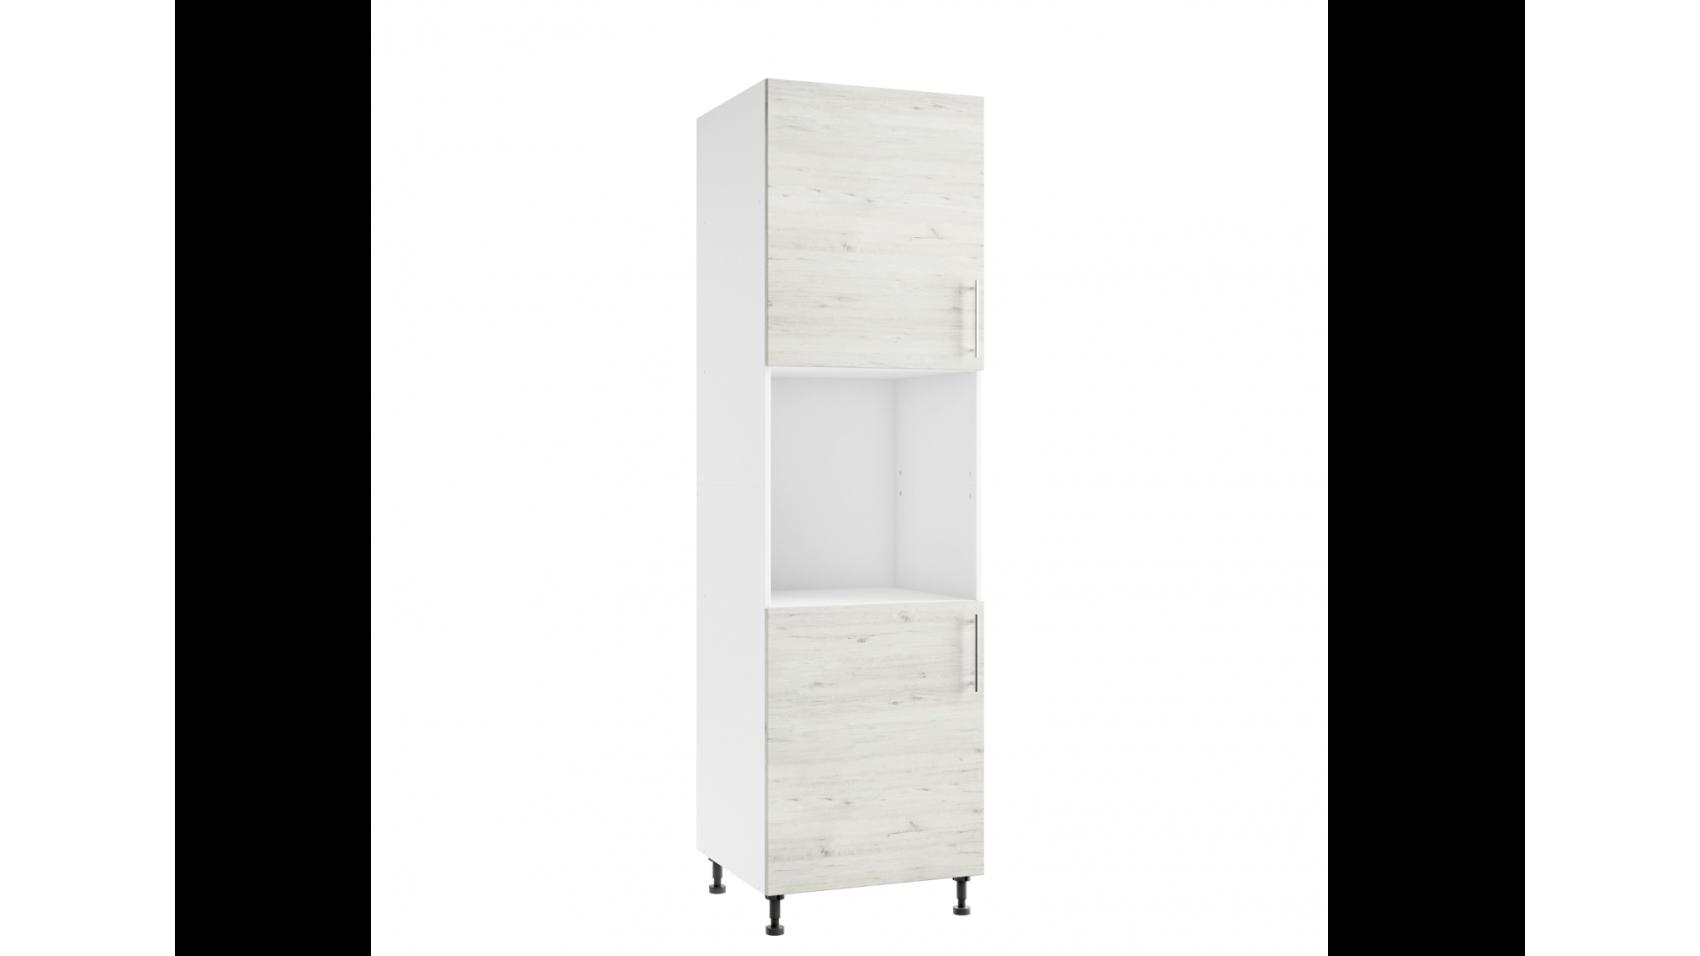 Kuchenne szafy wysokie Luna Cortona   sklep internetowy Lupus ECO